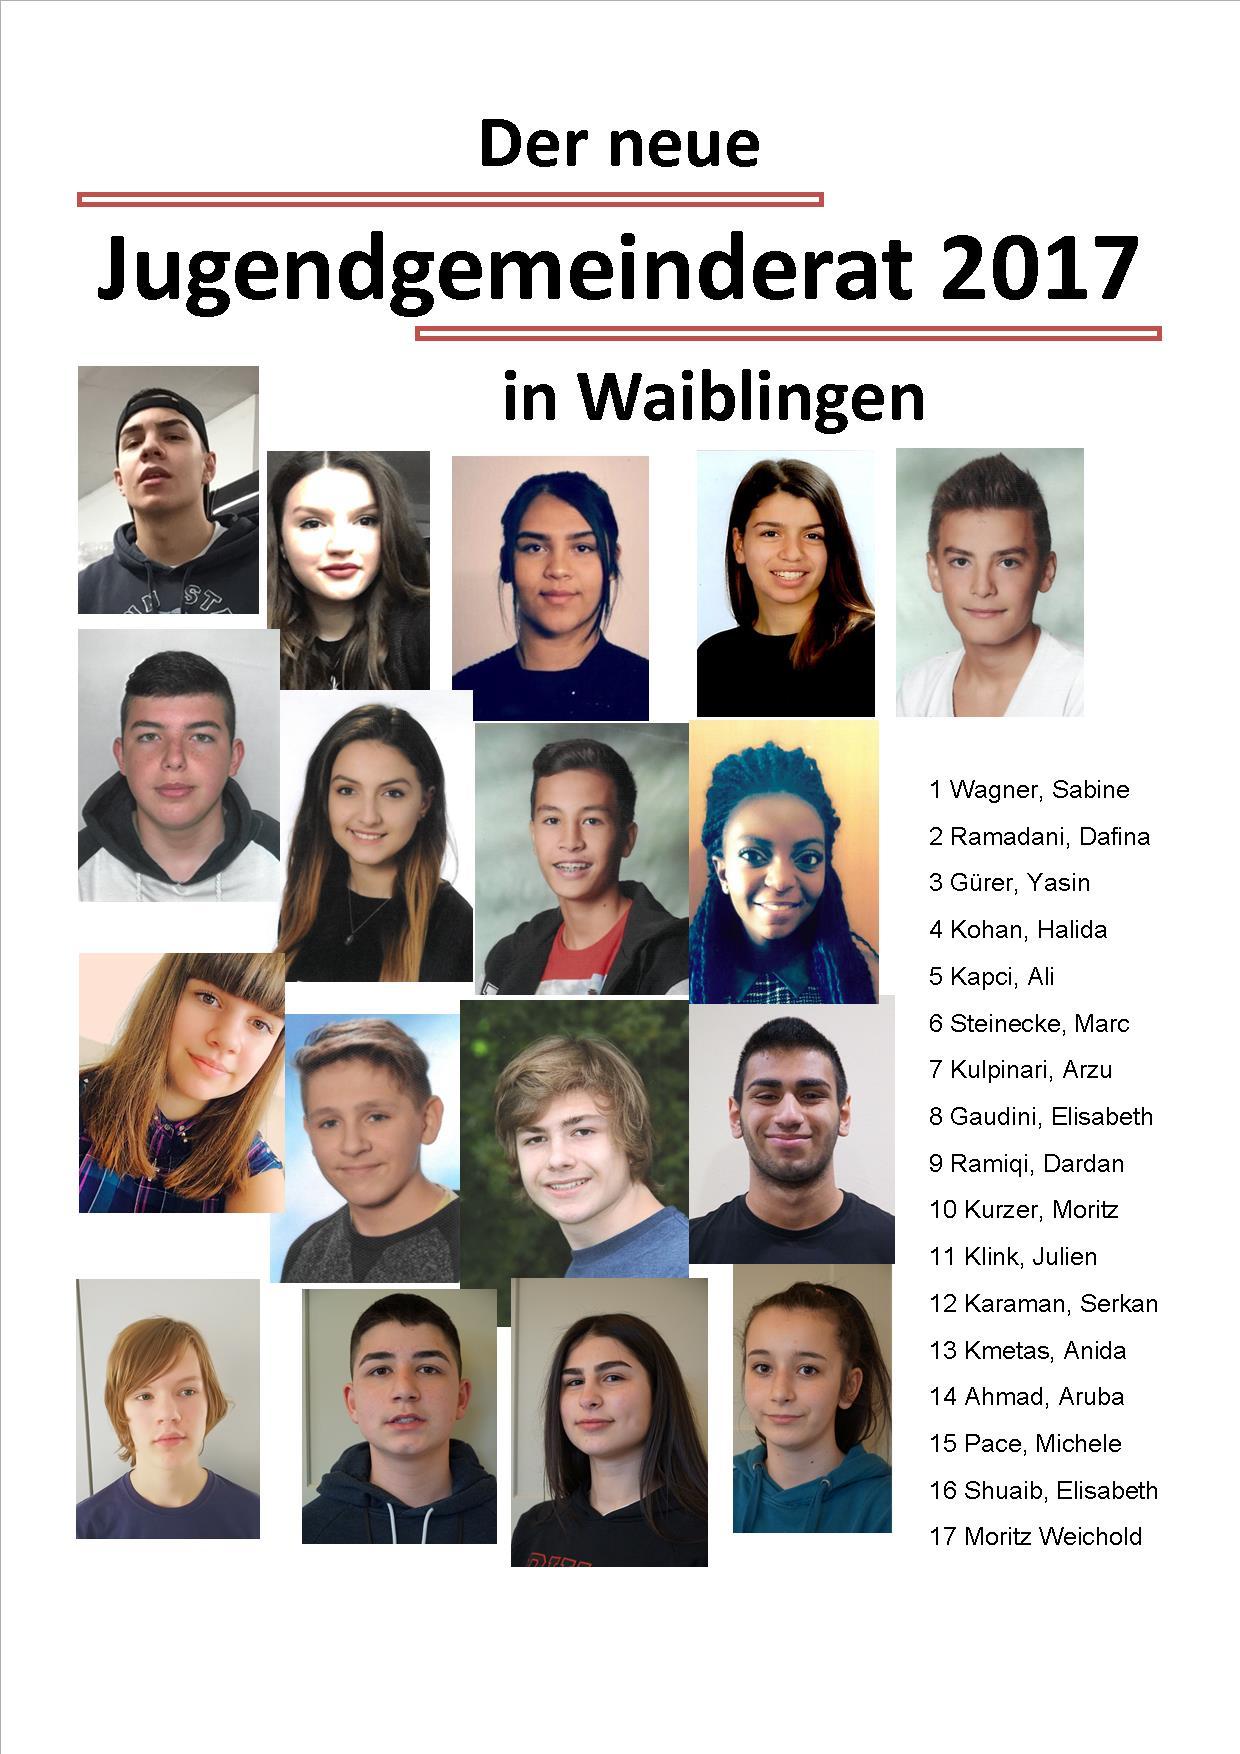 Der neue Jugendgemeinderat 2017